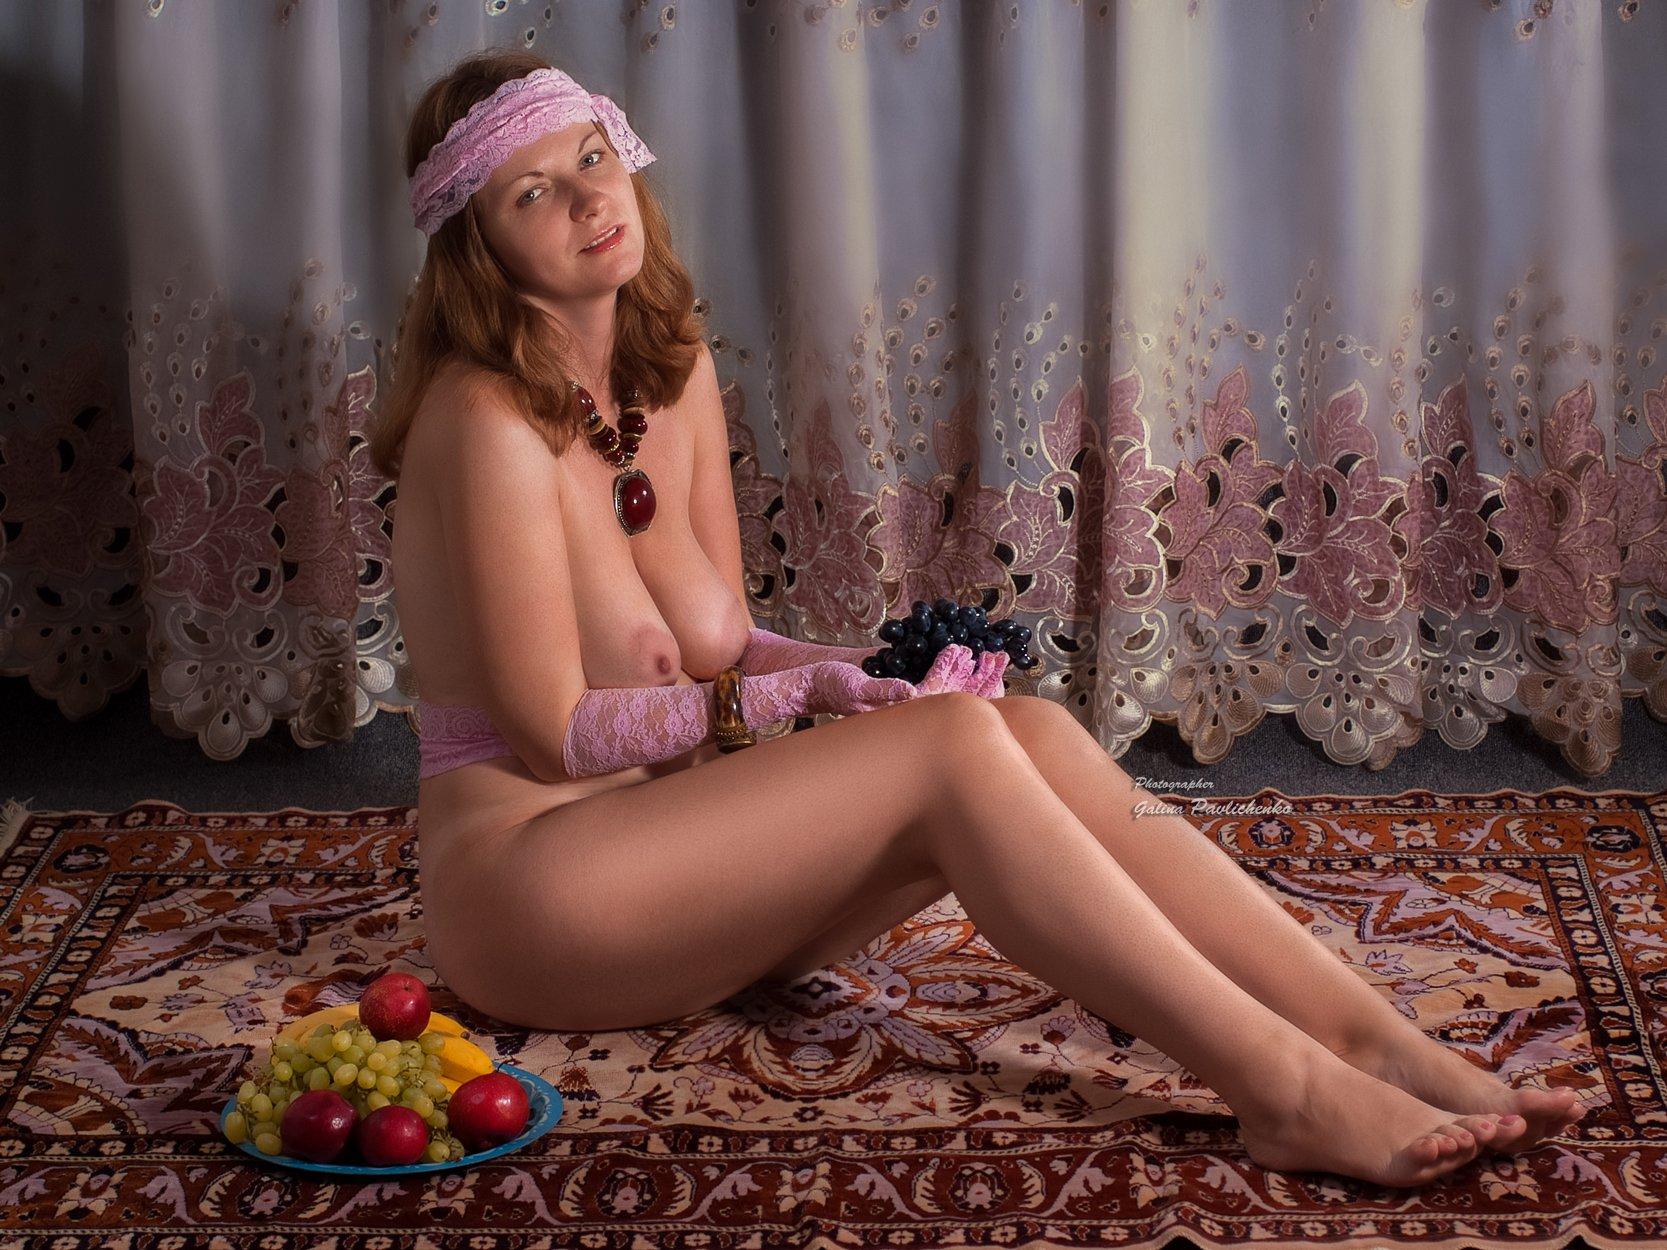 женщина , девушка , ню , эротика , обнажённое тело , шахерезада , фрукты , образ, сказка, Галя